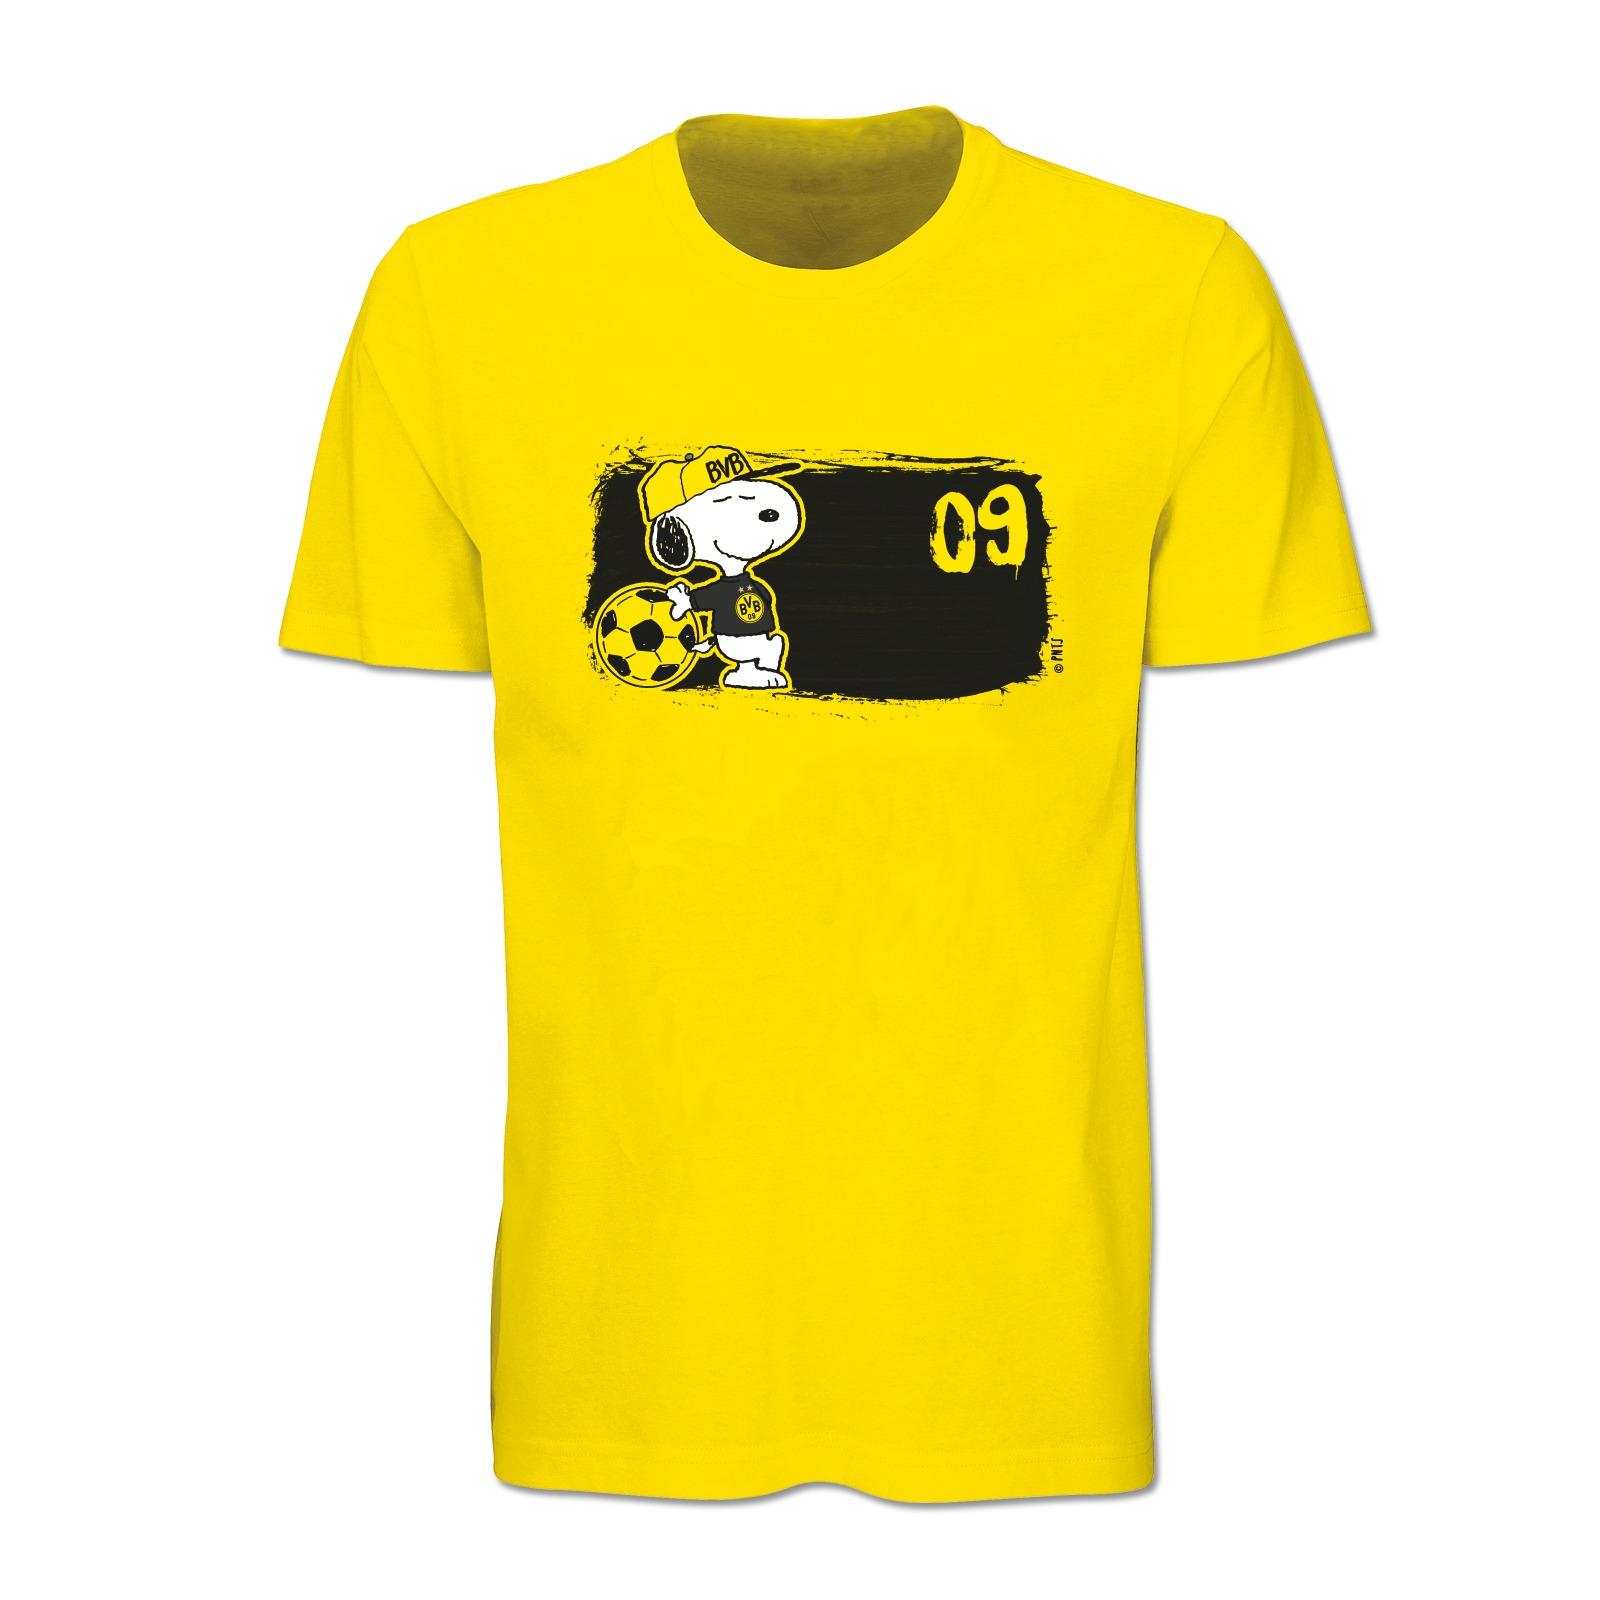 bvb snoopy t shirt gelb shirts herren offizieller bvb online fanshop. Black Bedroom Furniture Sets. Home Design Ideas